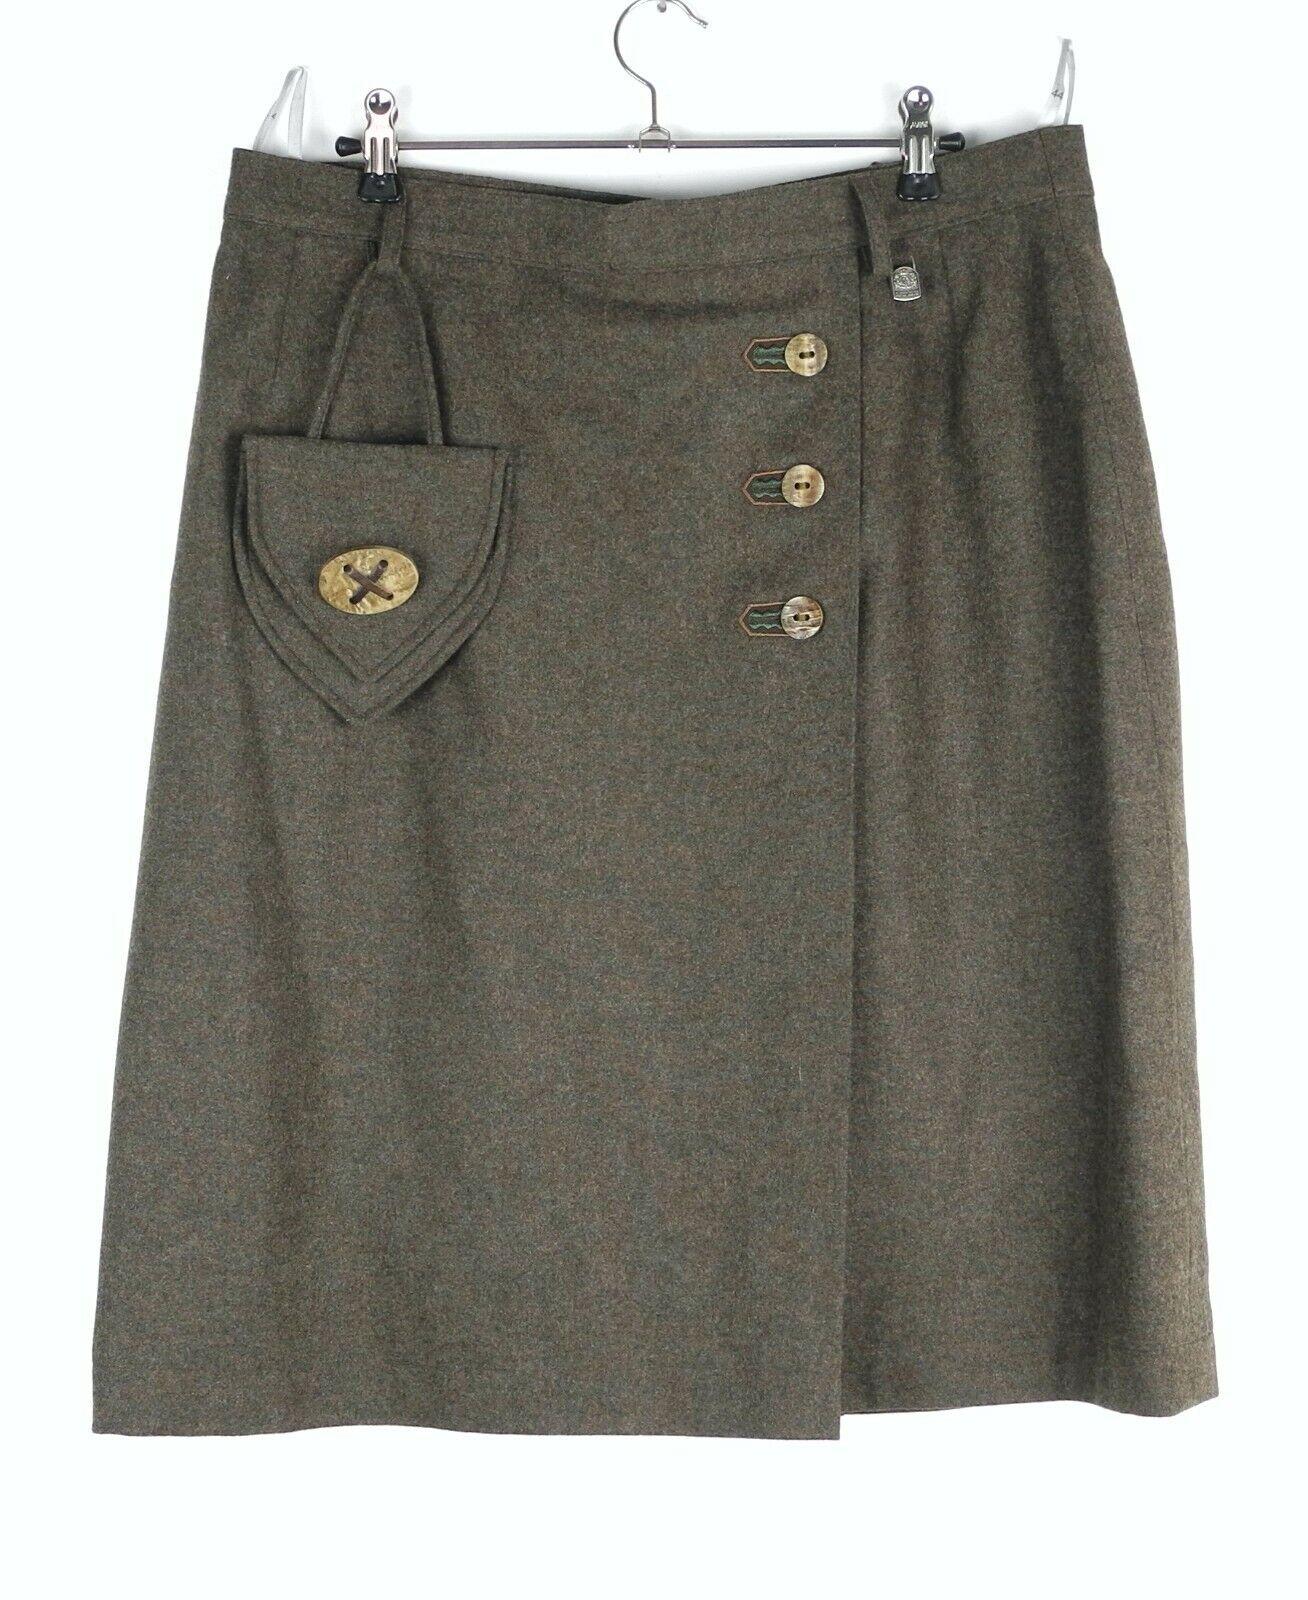 Hammerschmid Trachten Skirt Womens D 44 Brown Virgin Wool Like New